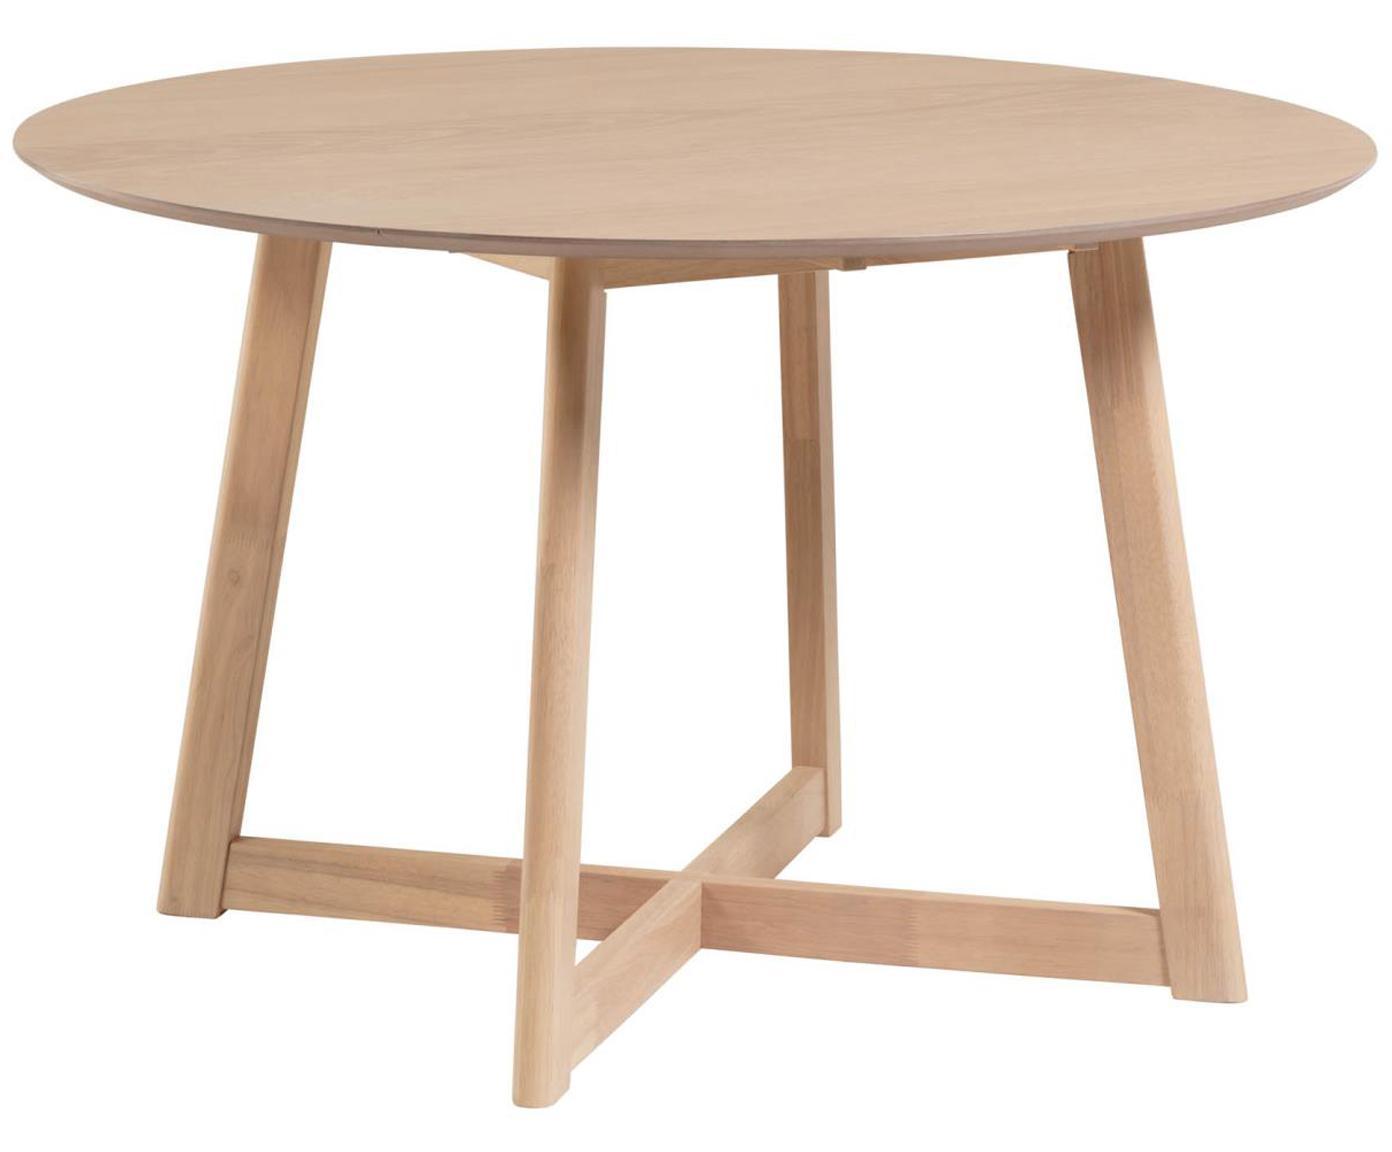 Ronde klaptafel Maryse uit eikenhoutfineer, Tafelblad: MDF, eikenhoutfineer, Poten: massief rubberhout, Wit, Ø 120 x H 75 cm